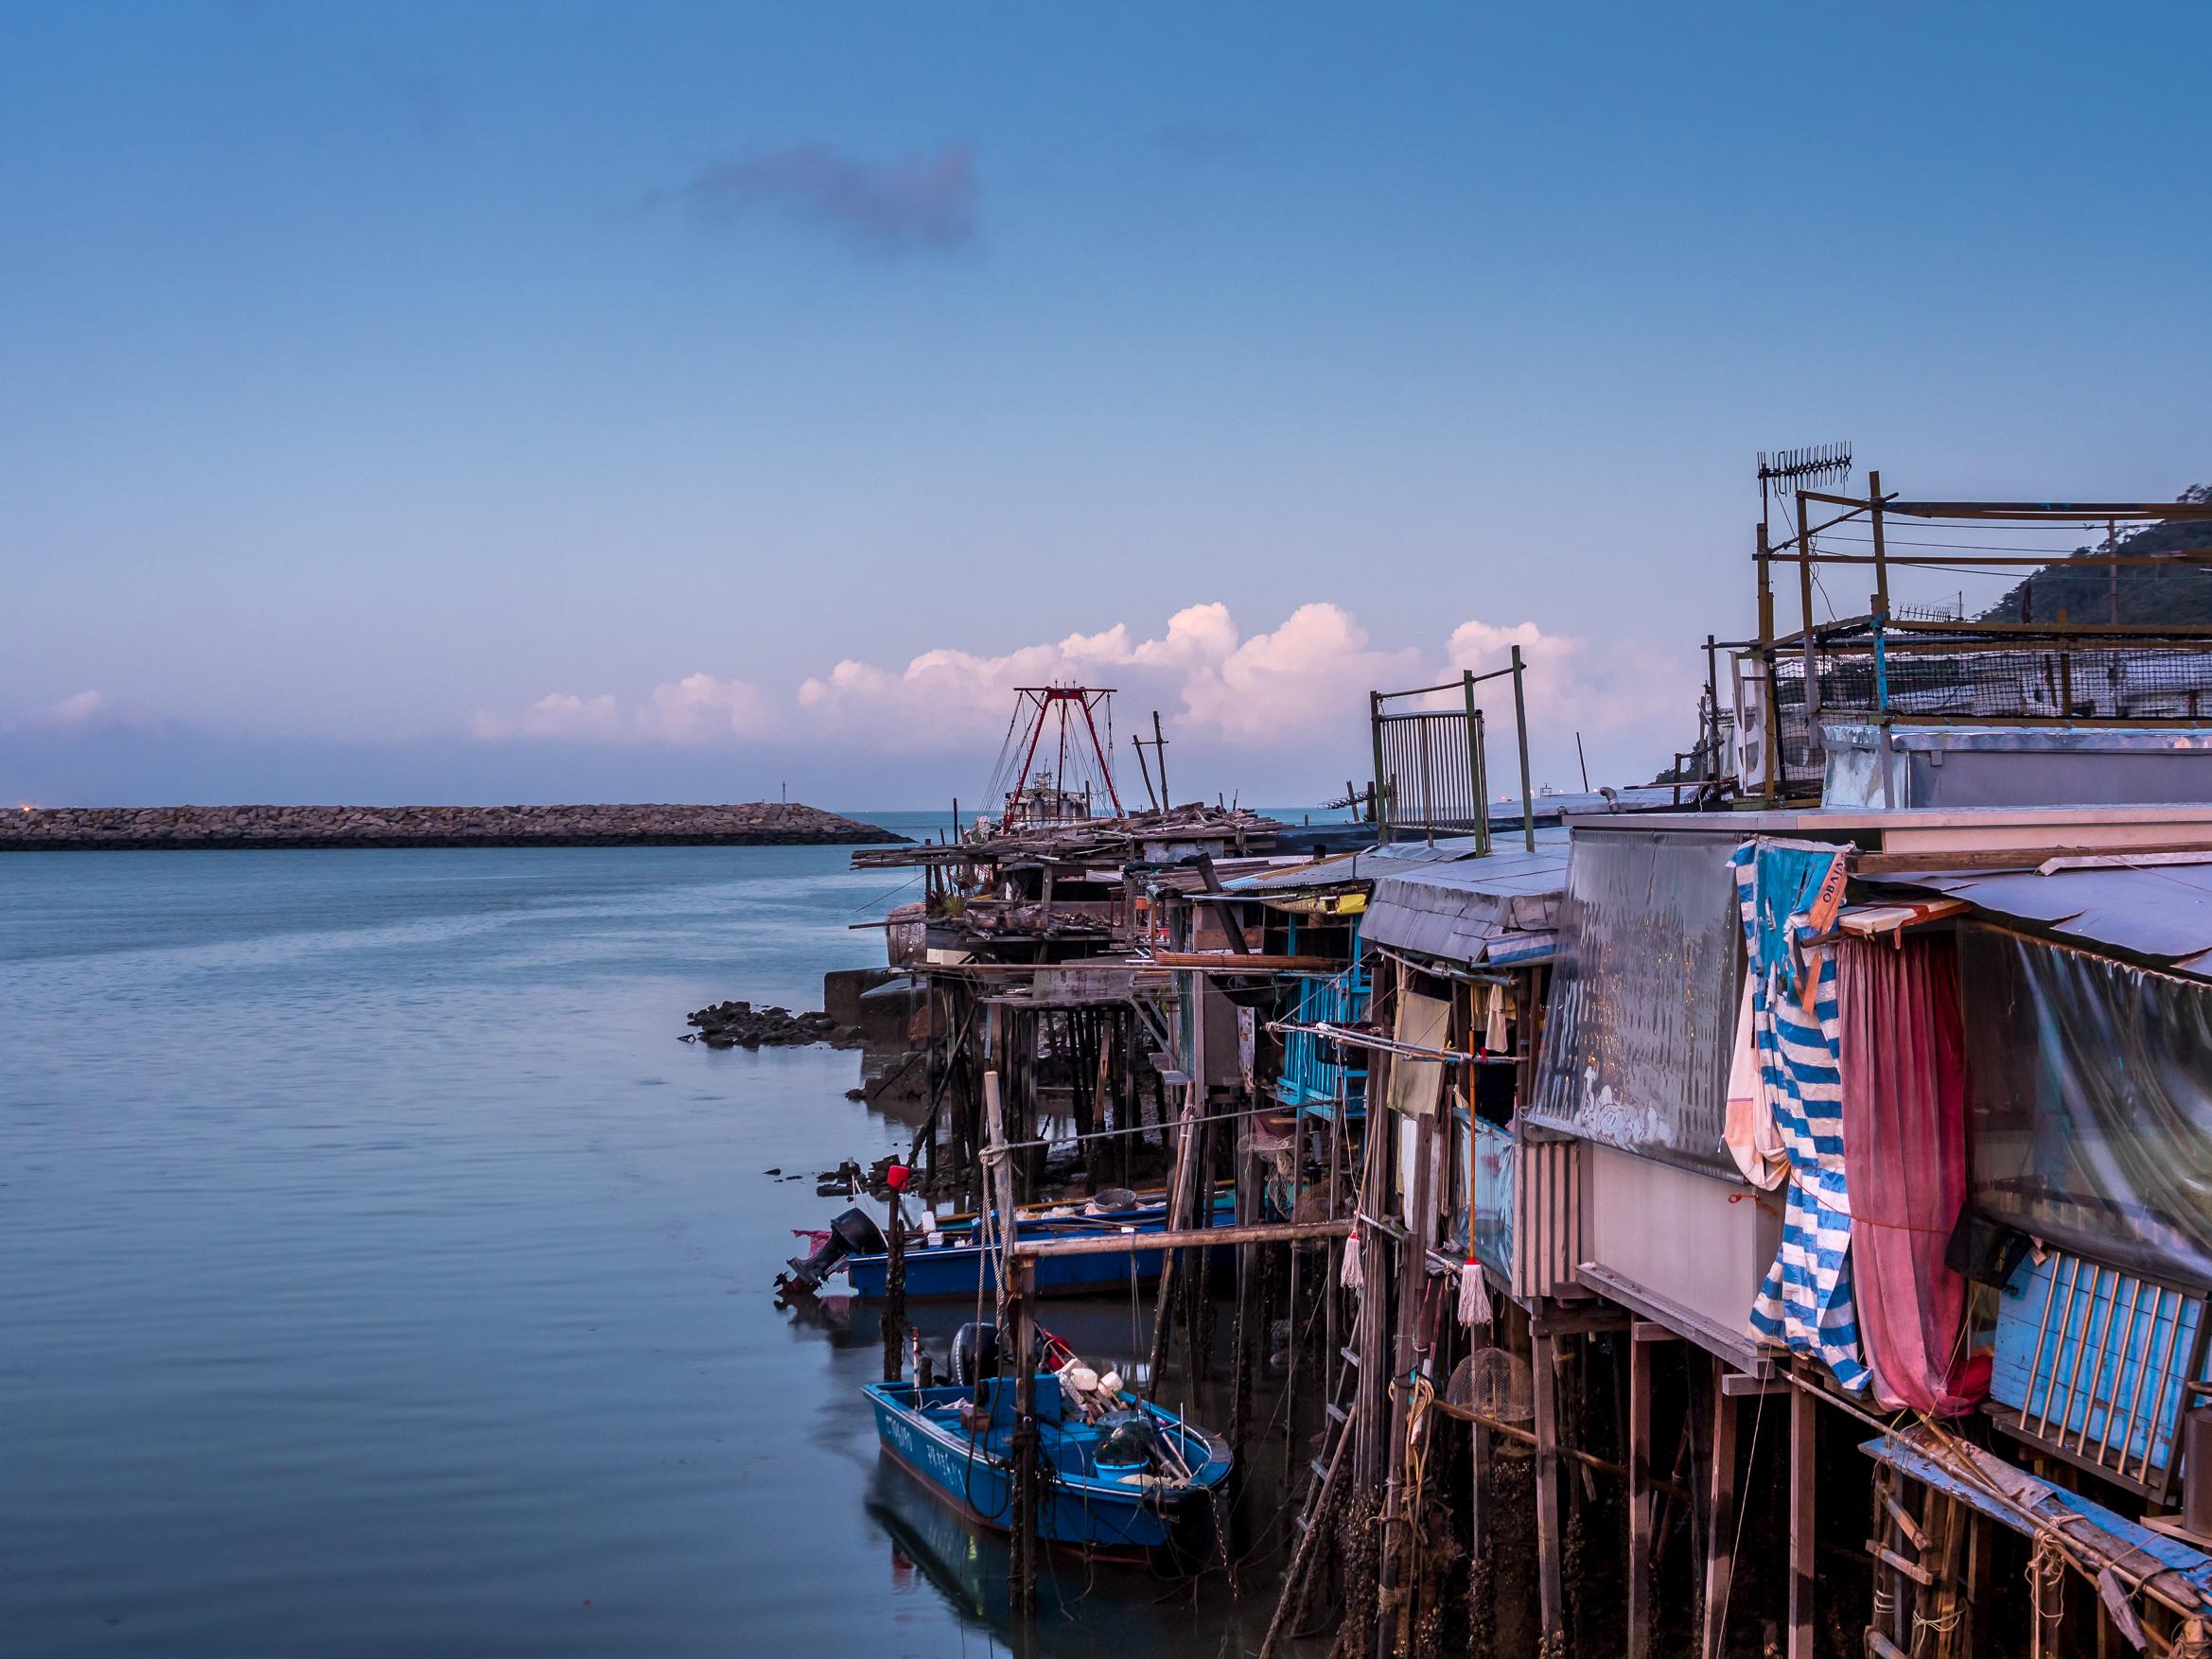 The fishing village of Tai O at dawn, Hong Kong